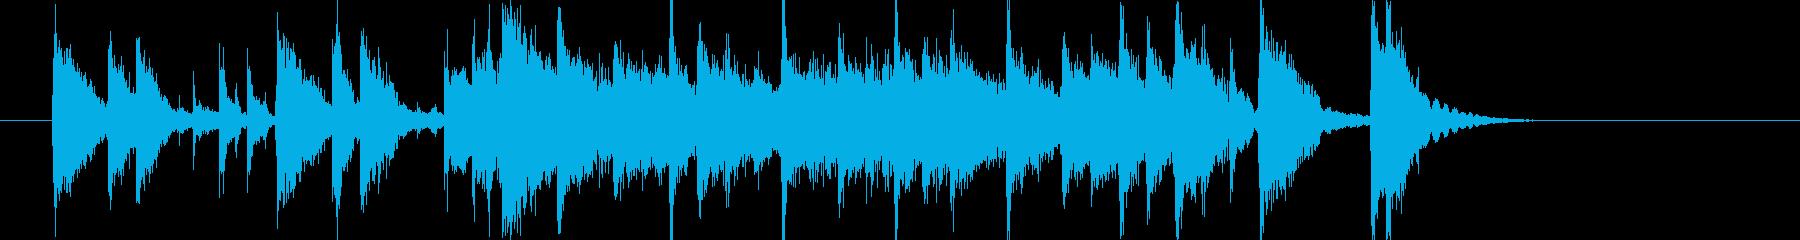 爽快なメロディのポップスの再生済みの波形